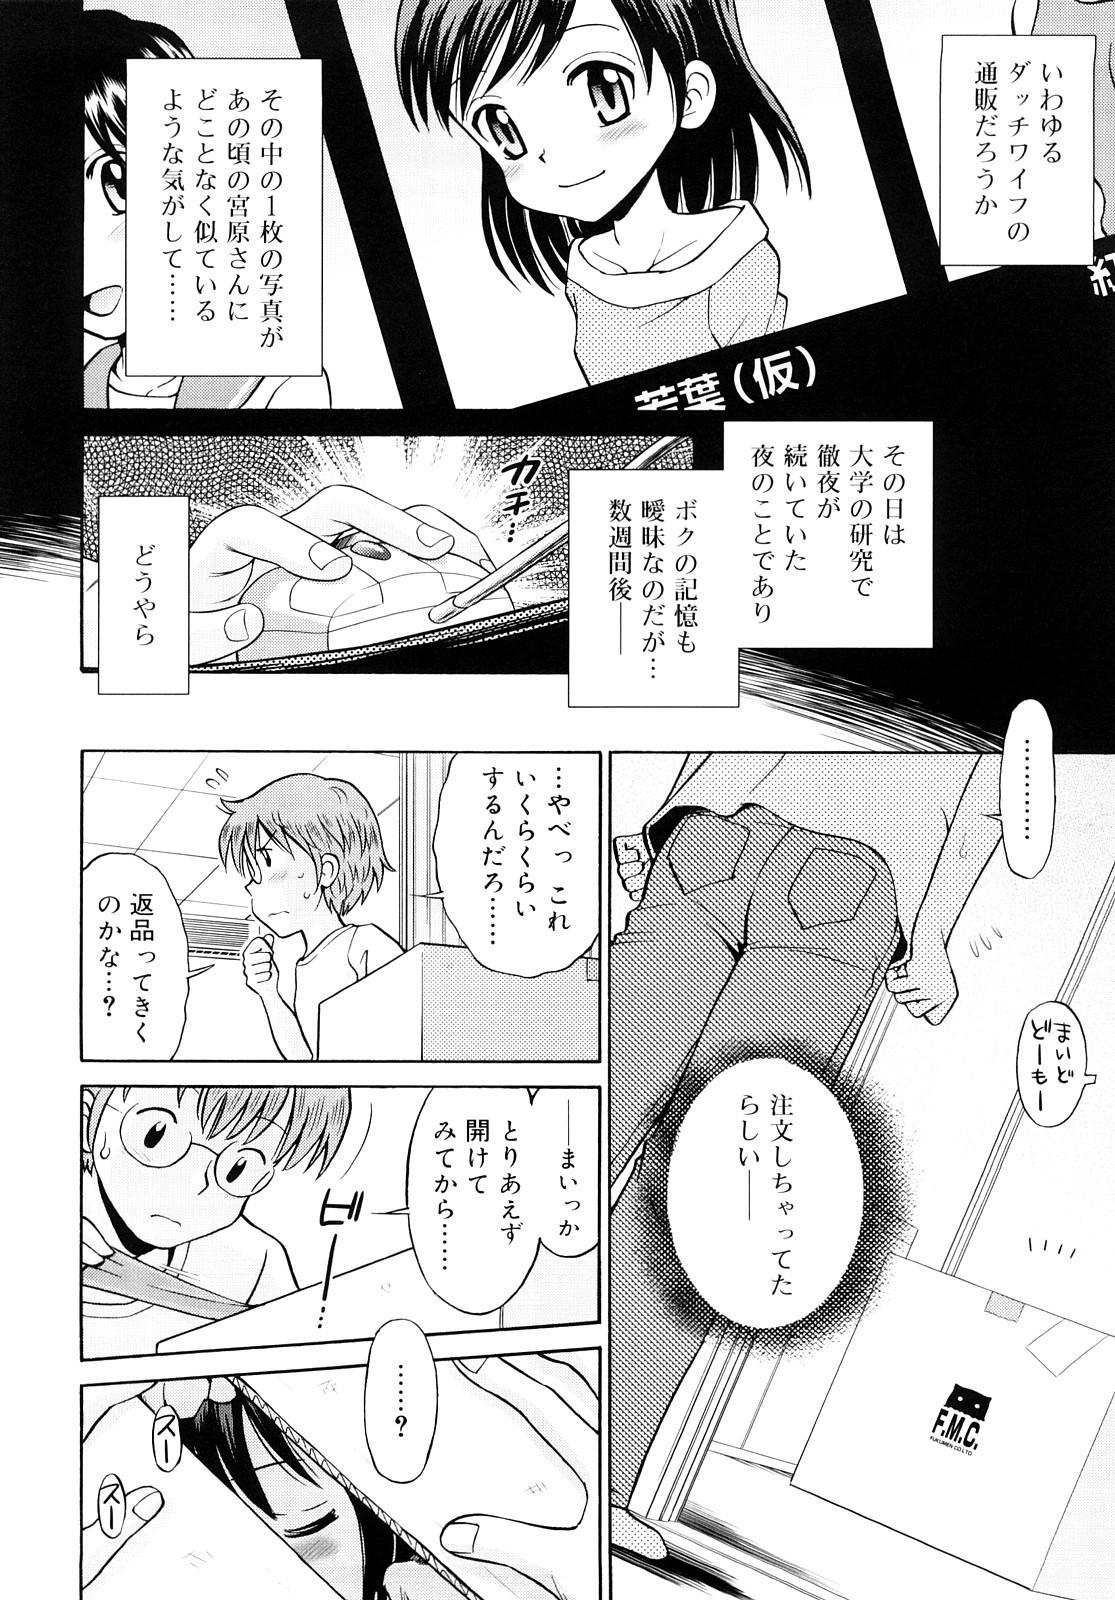 Komugiiro Rhapsody 174